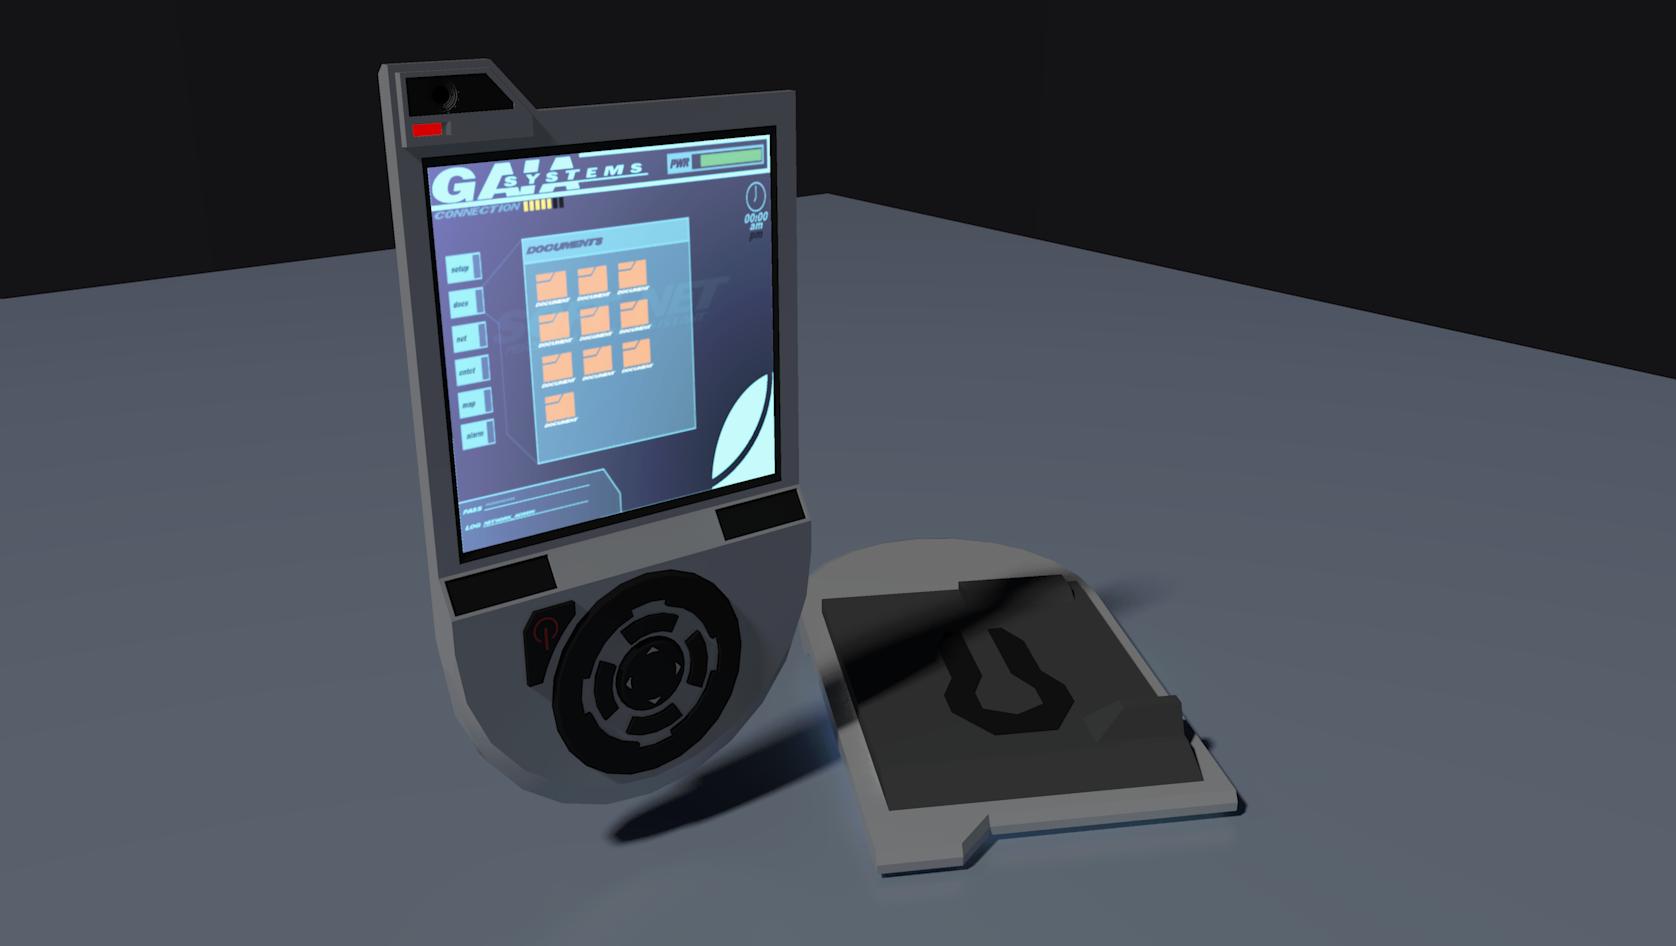 Gaian Type 2 PDA by Gwentari